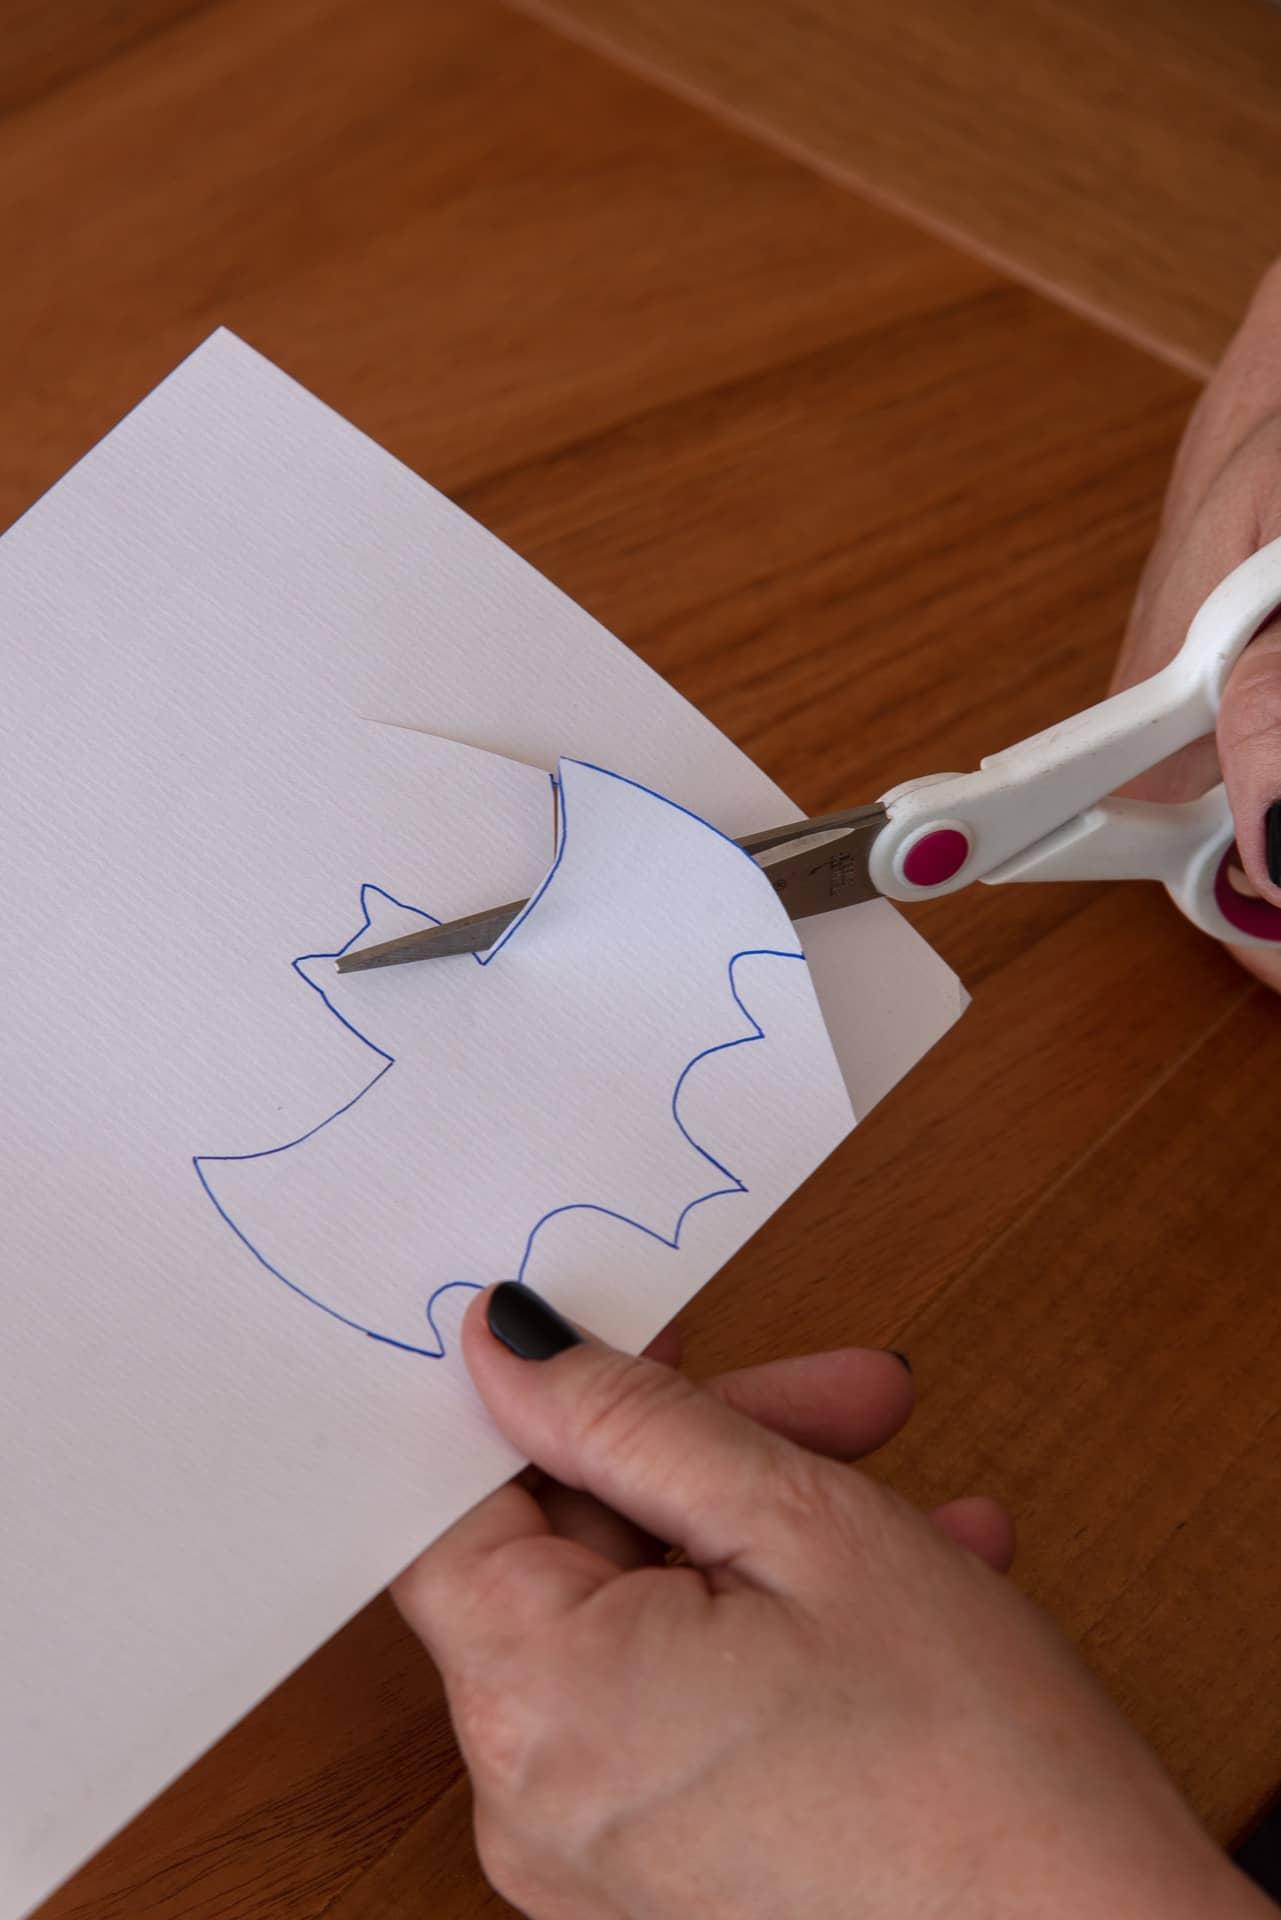 Imagem: Passo 1: faça um modelo de morcego em tamanho pequeno. Você pode desenhar à mão livre ou imprimir uma imagem que encontrar na internet. Foto: Cacá Bratke